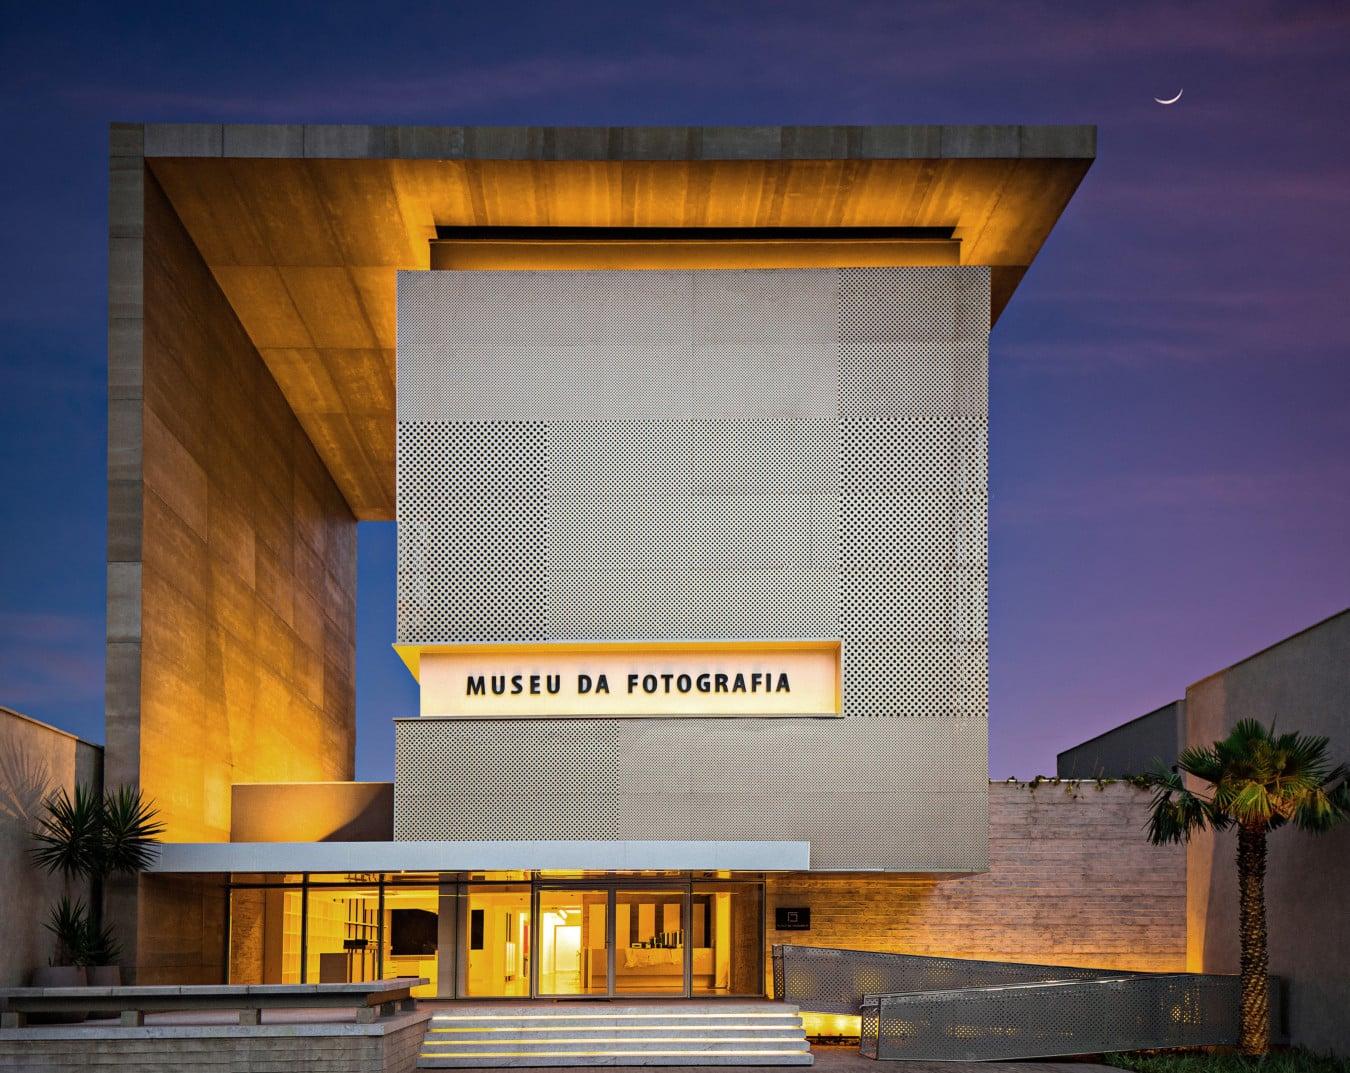 fachada museu da fotografia de fortaleza 33185276882 o - Fortaleza ganha Museu da Fotografia